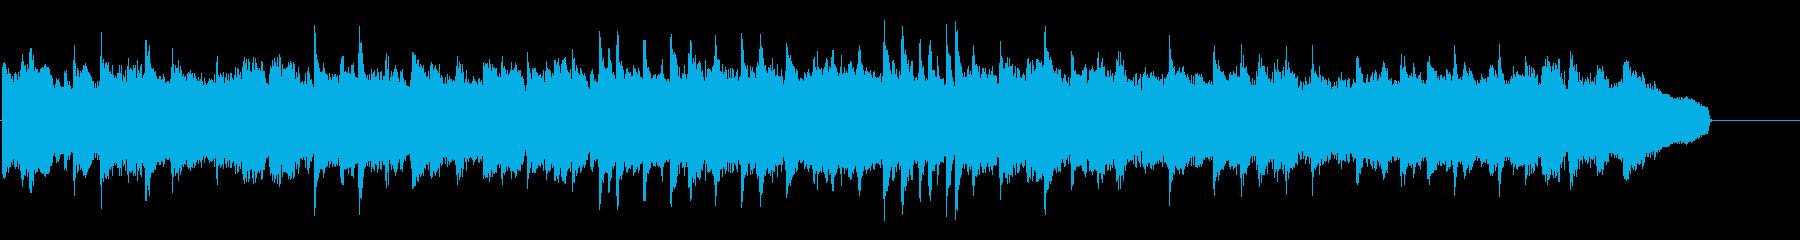 甘く切ないドラマ系ピアノBGMの再生済みの波形